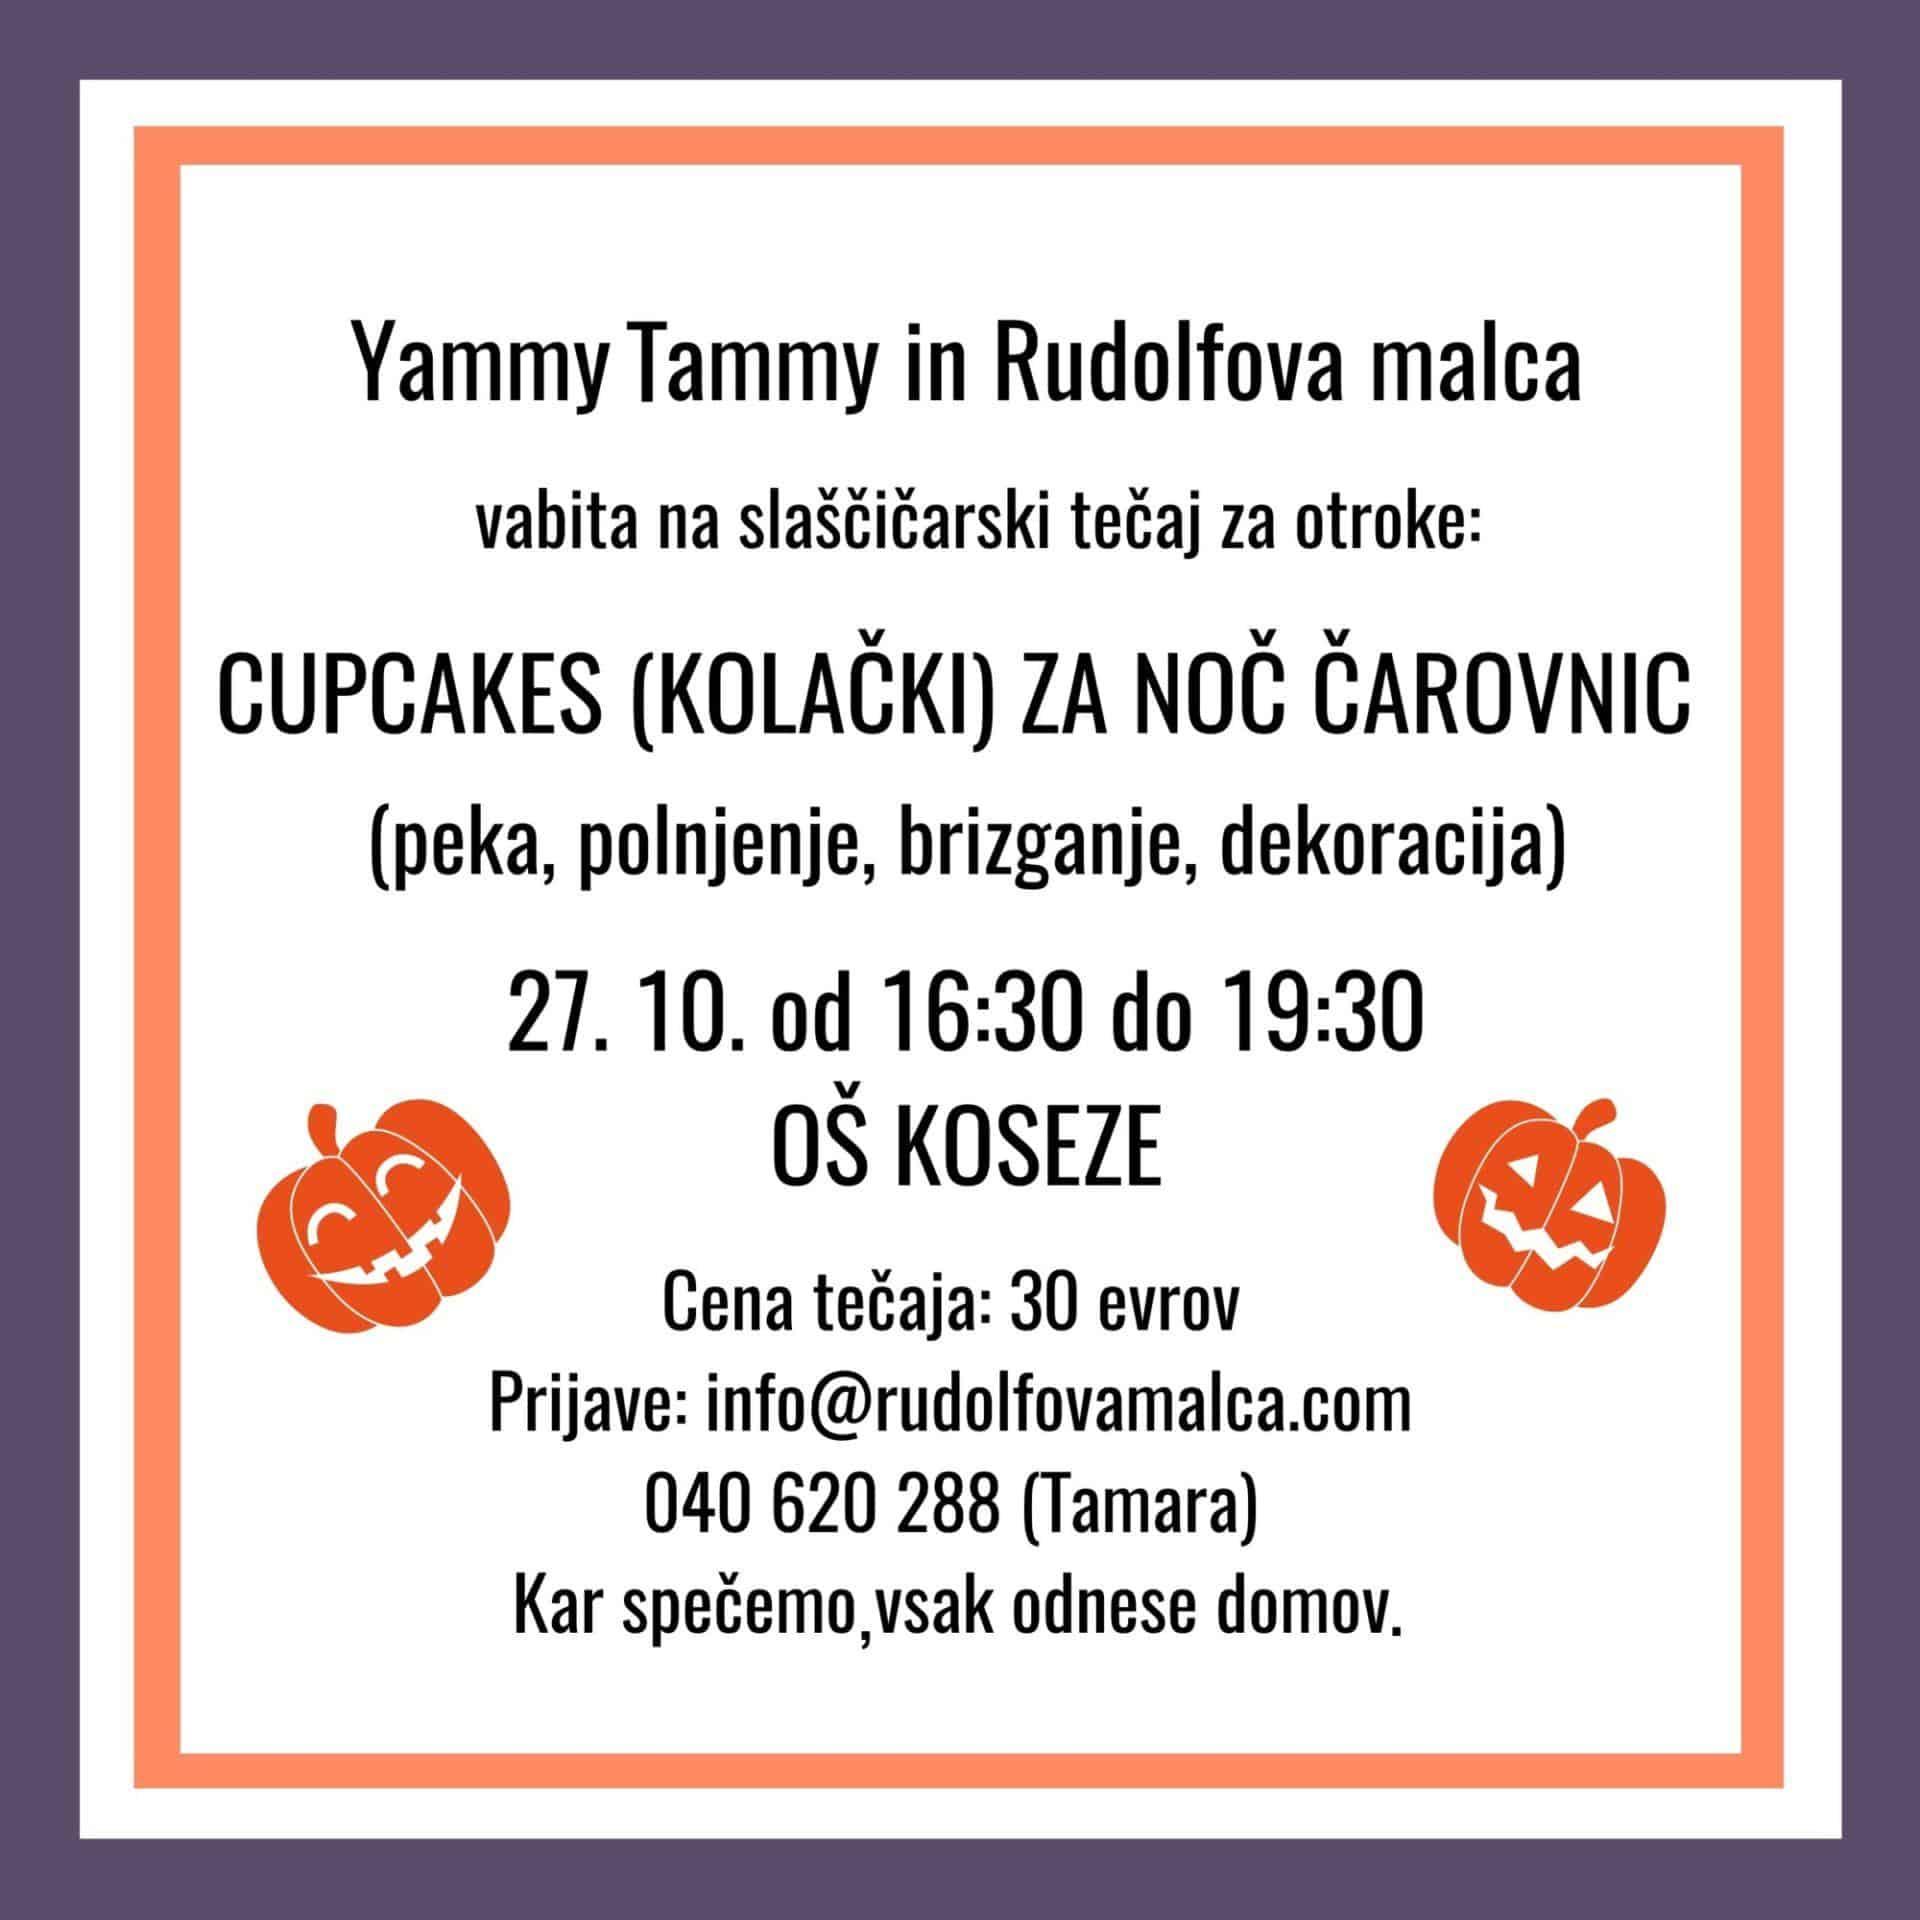 Slaščičarski tečaj za otroke - Cupcakes (kolački) za noč čarovnic